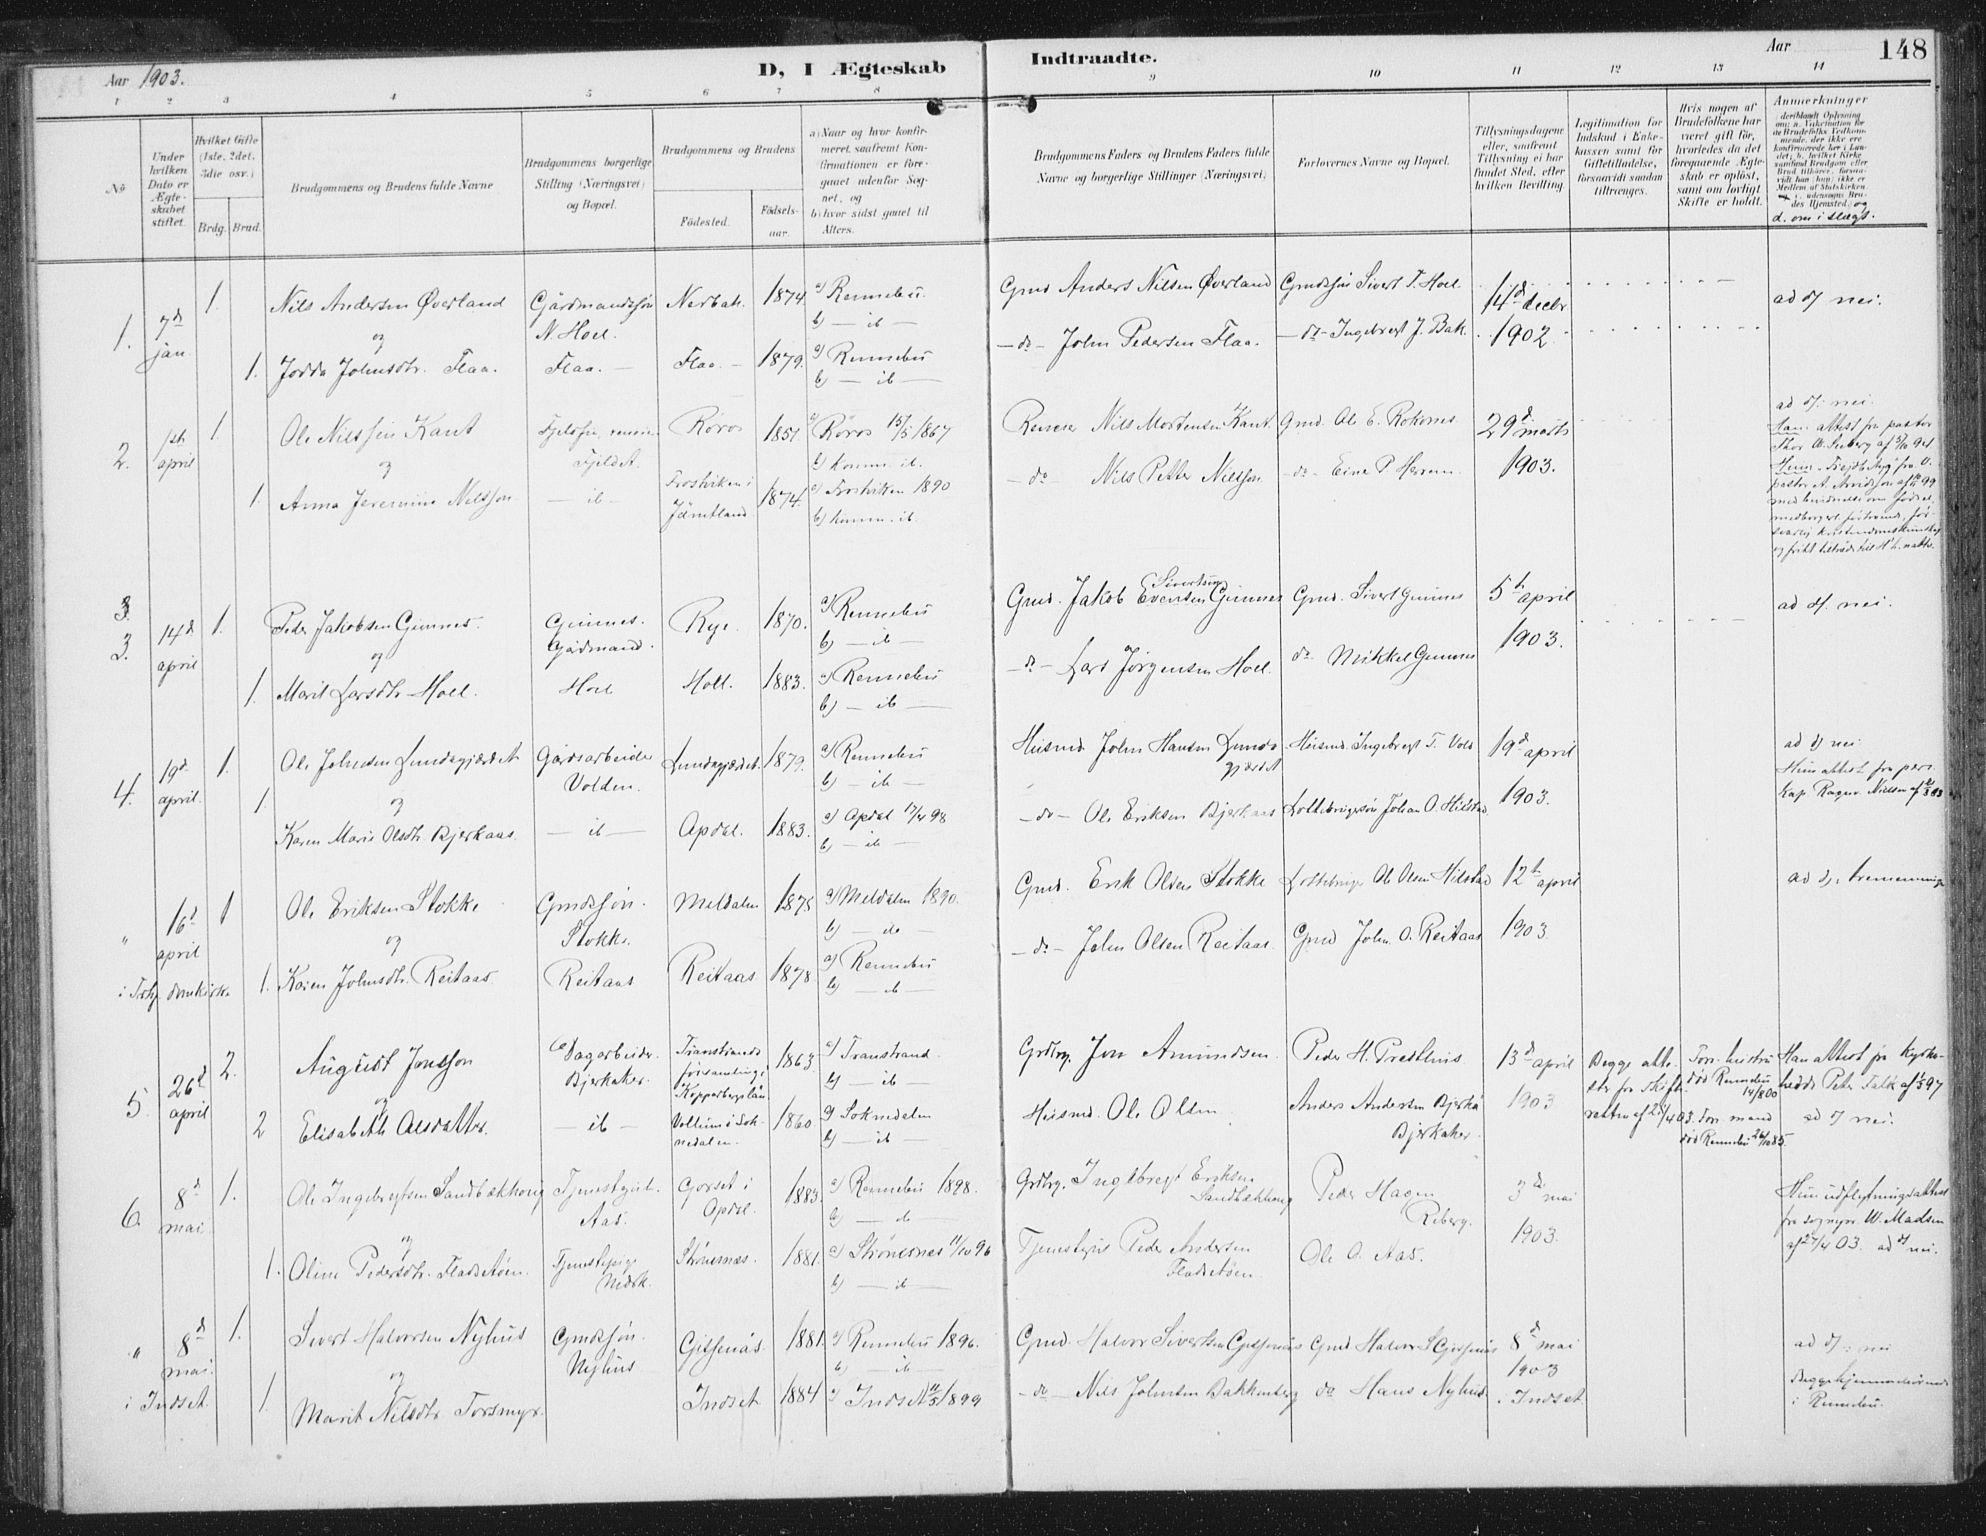 SAT, Ministerialprotokoller, klokkerbøker og fødselsregistre - Sør-Trøndelag, 674/L0872: Ministerialbok nr. 674A04, 1897-1907, s. 148